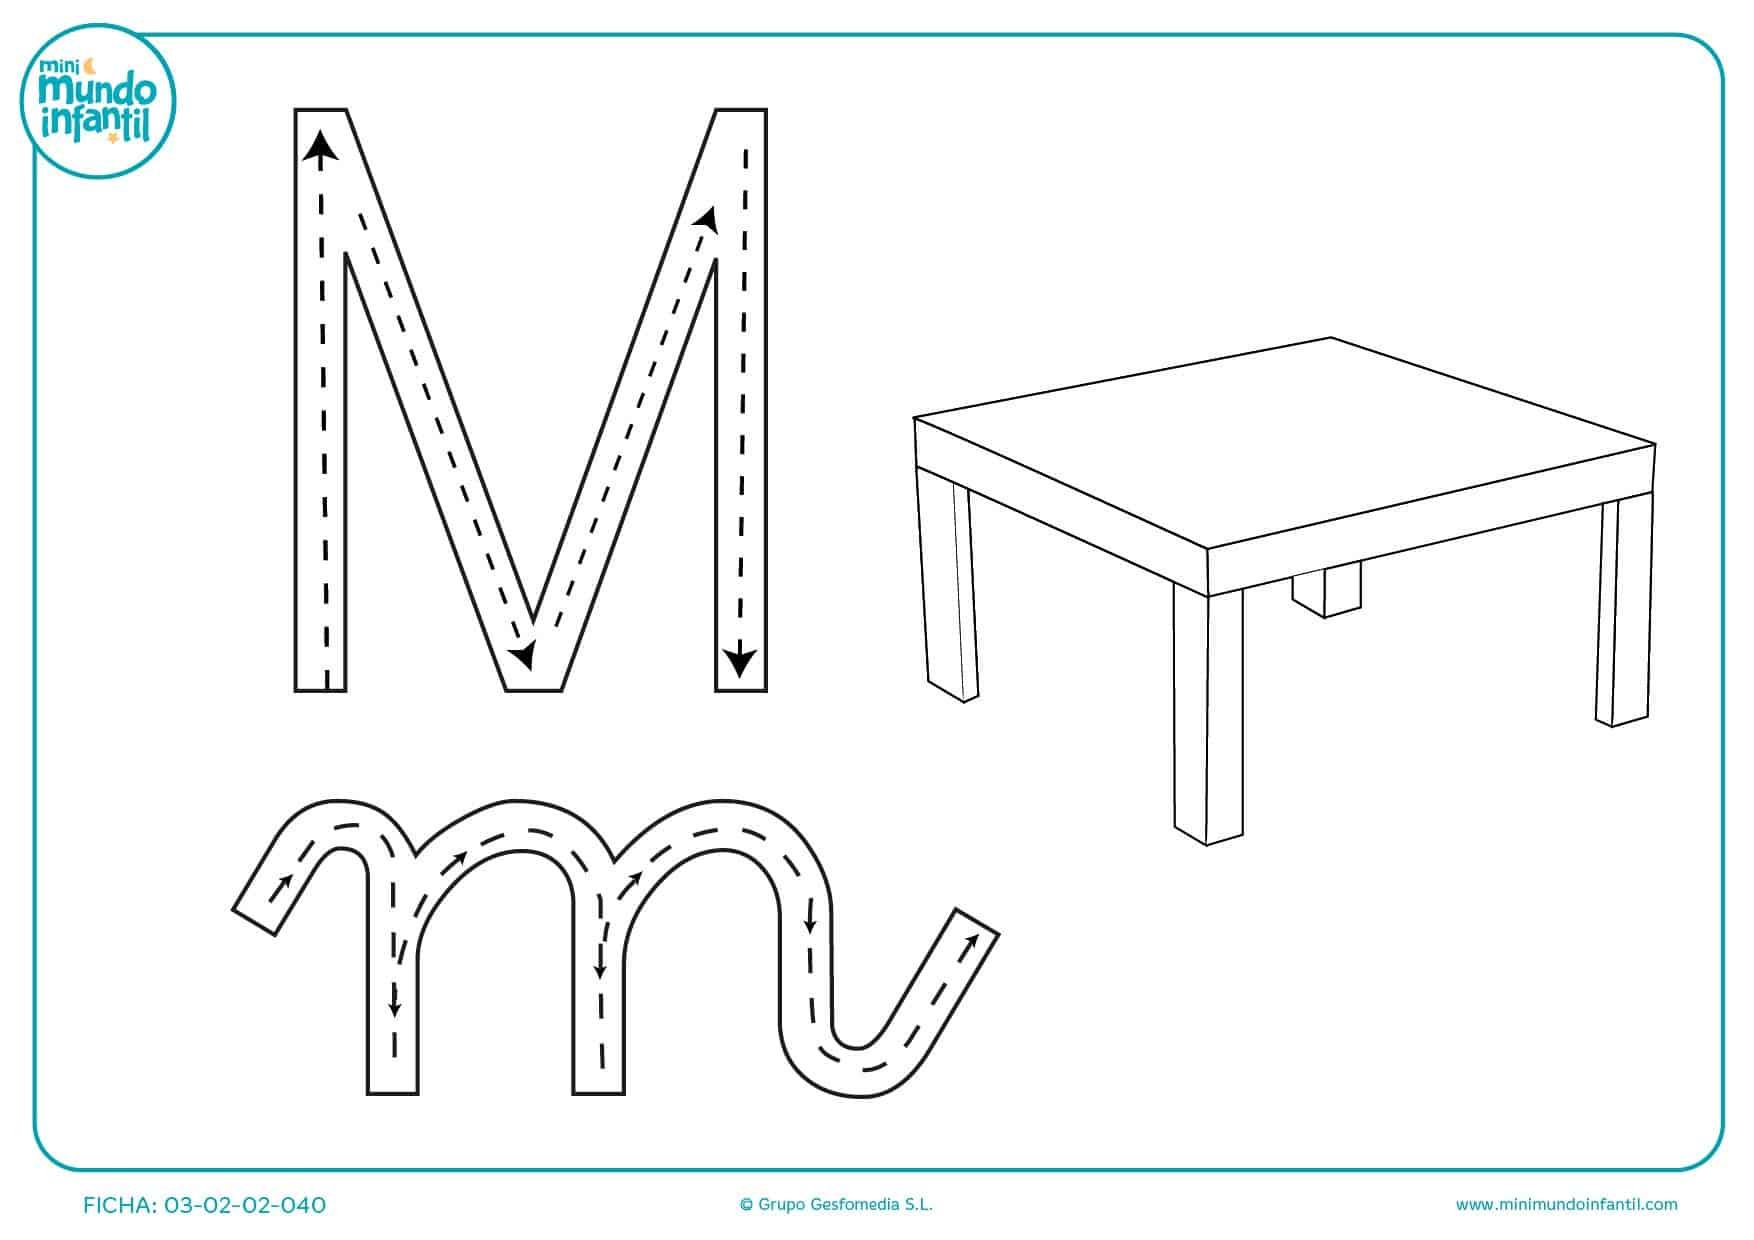 Seguir las líneas de puntos para escribir la letra M